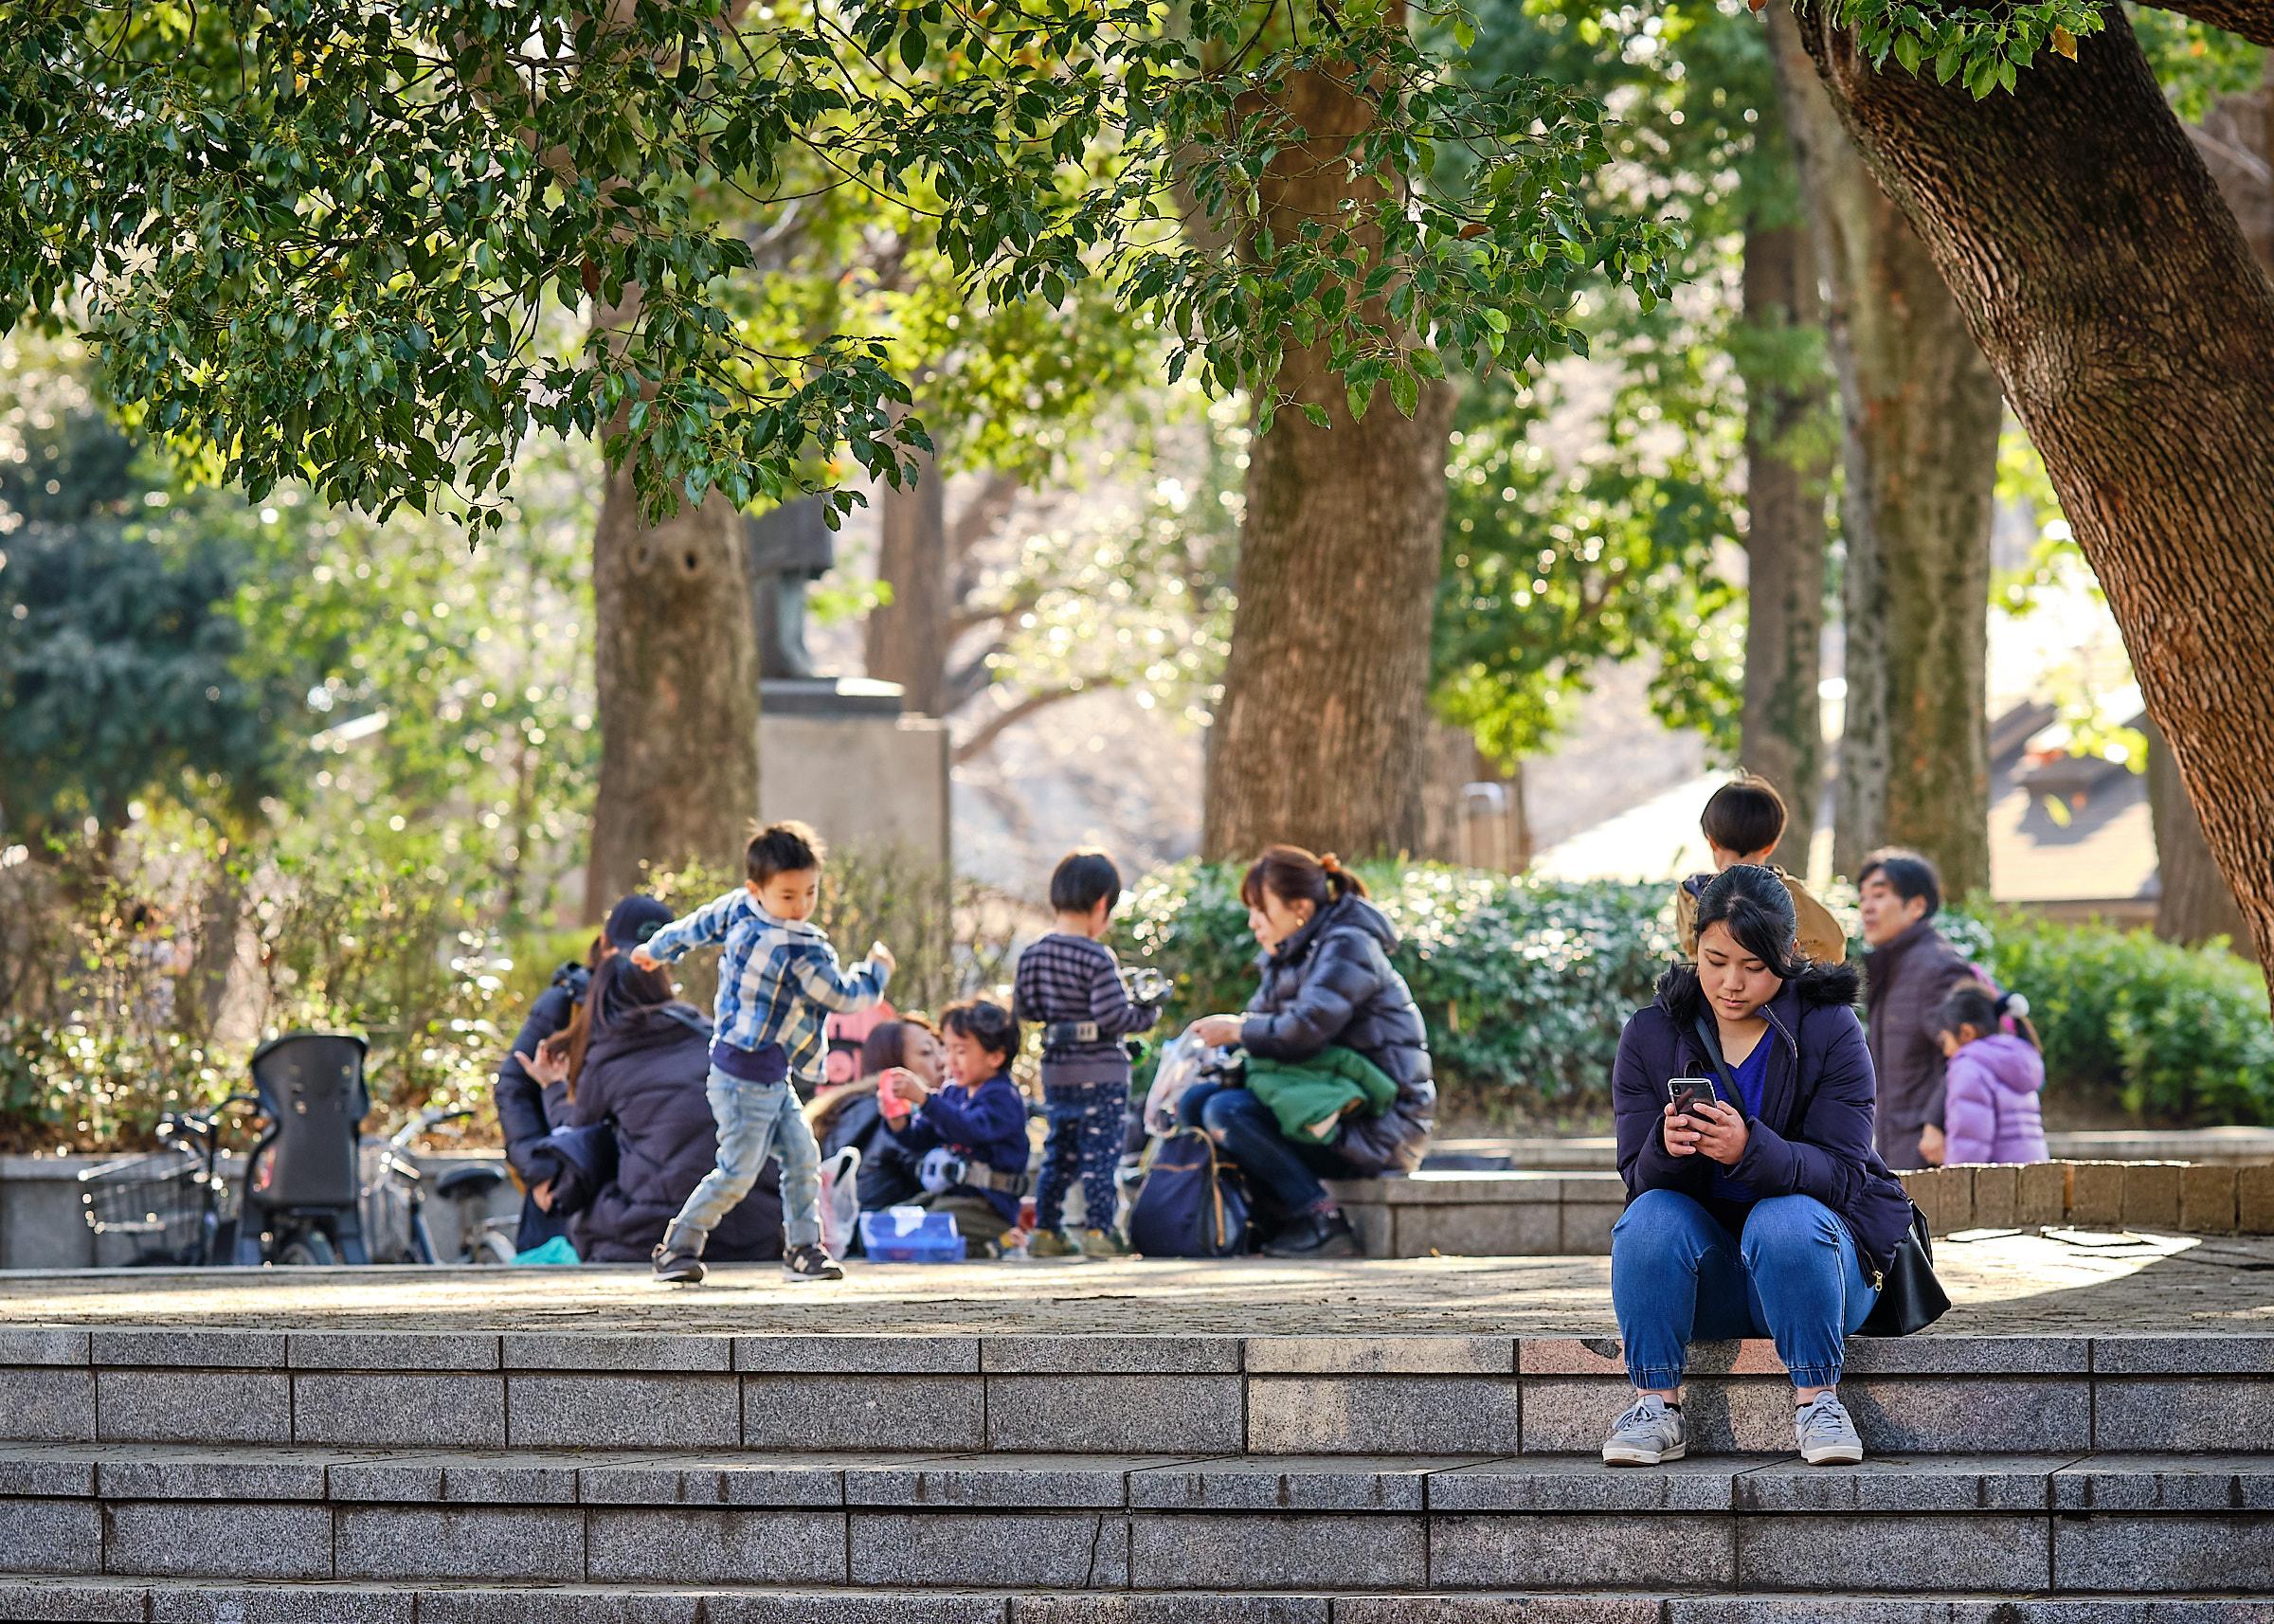 Ueno Onshi Park